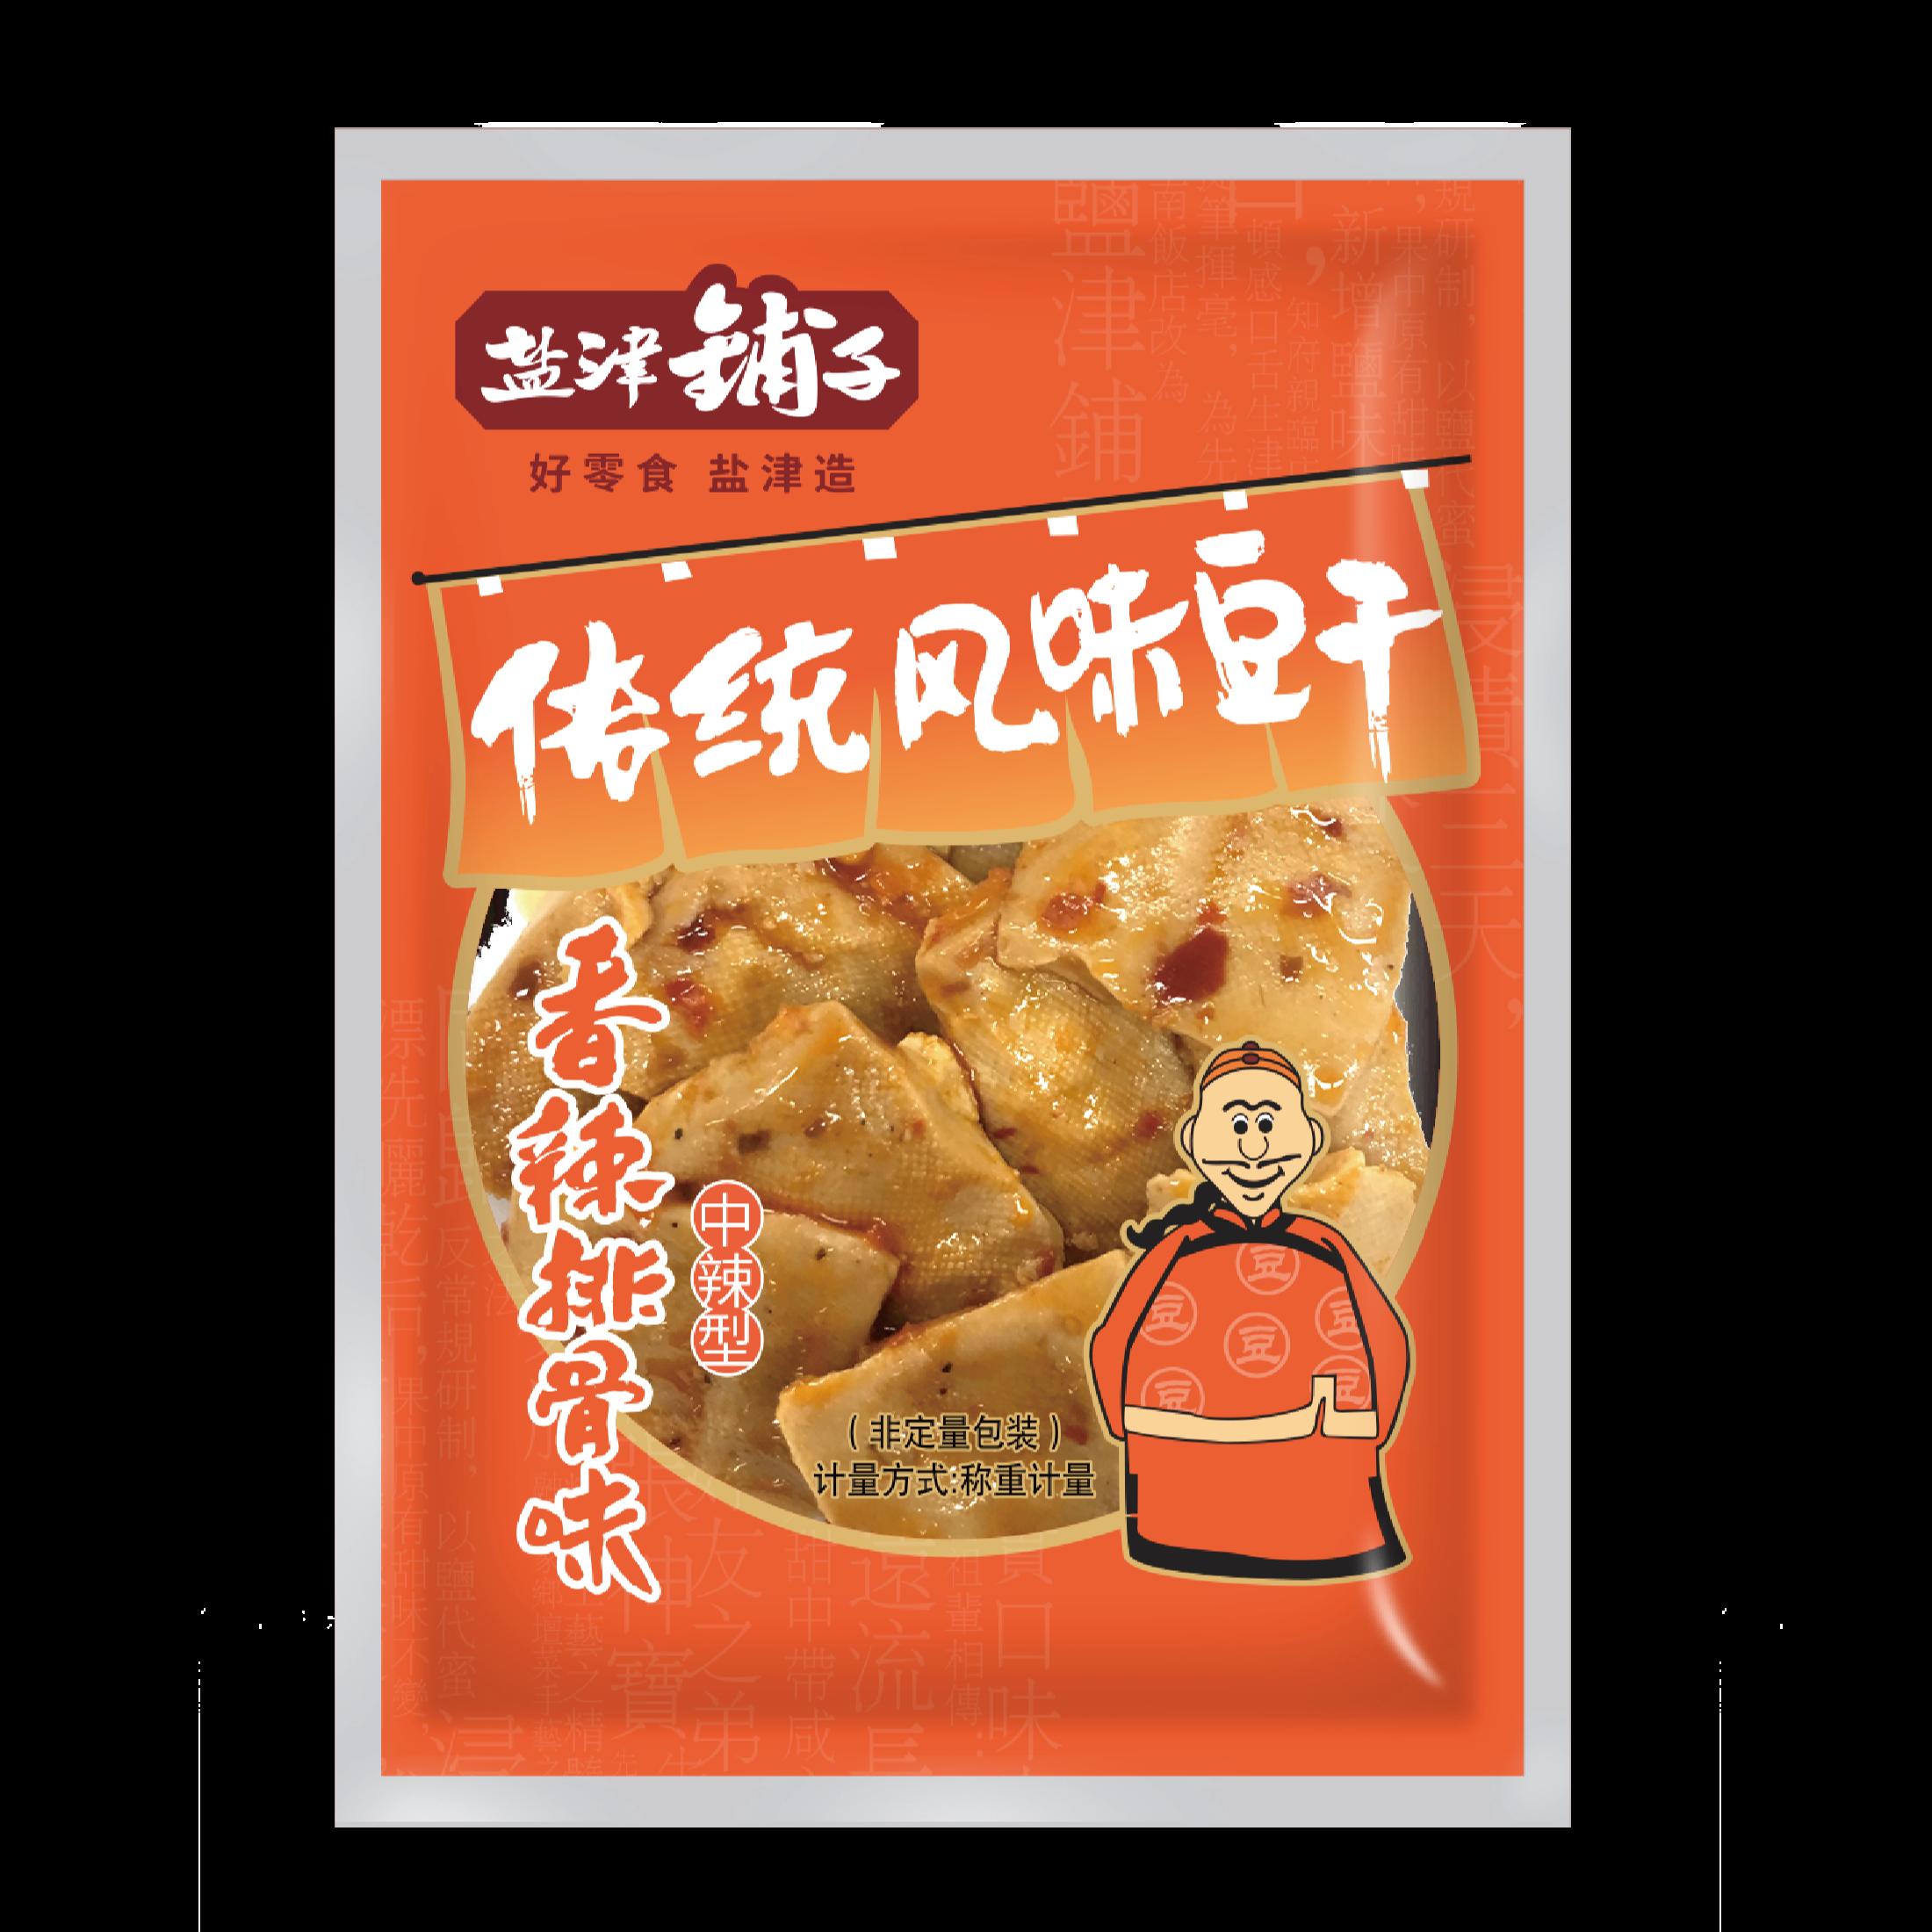 传统风味豆干-香辣排骨味